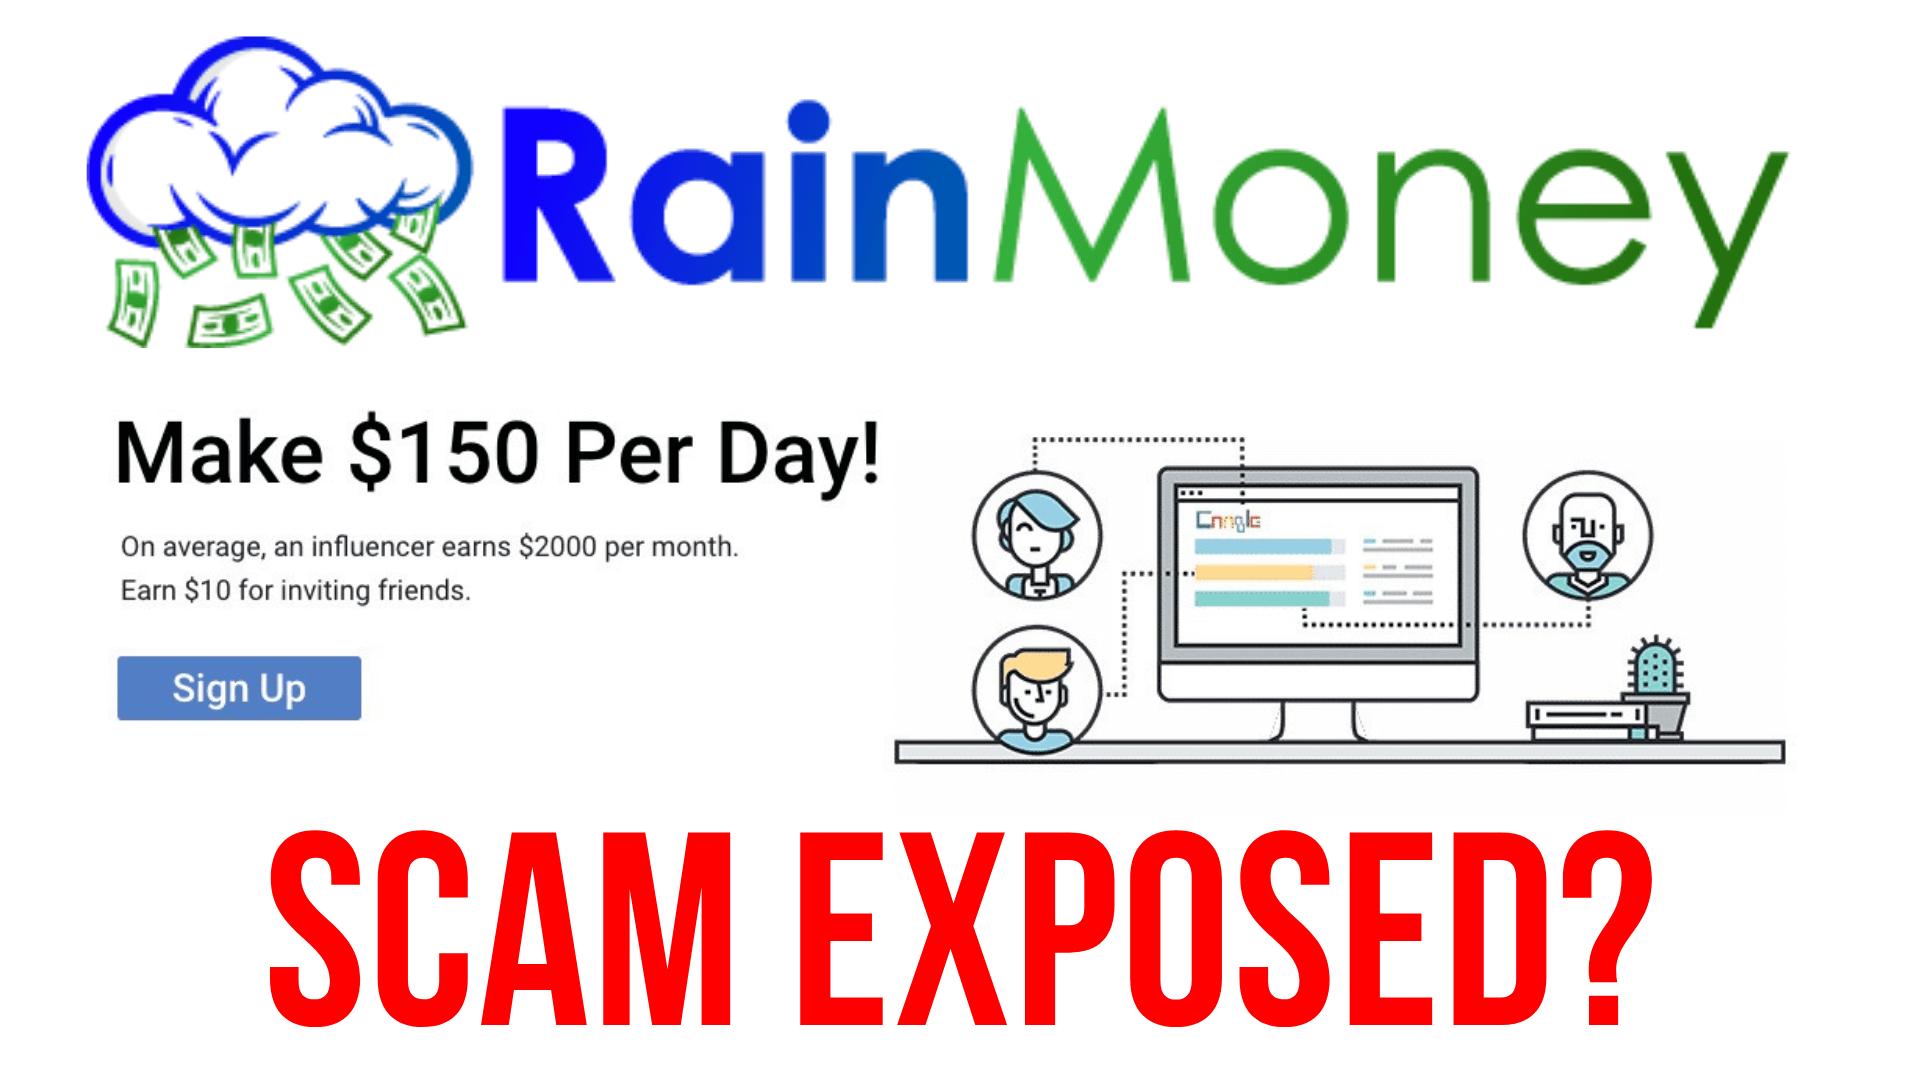 RainMoney Reviews Scam Or Legit?